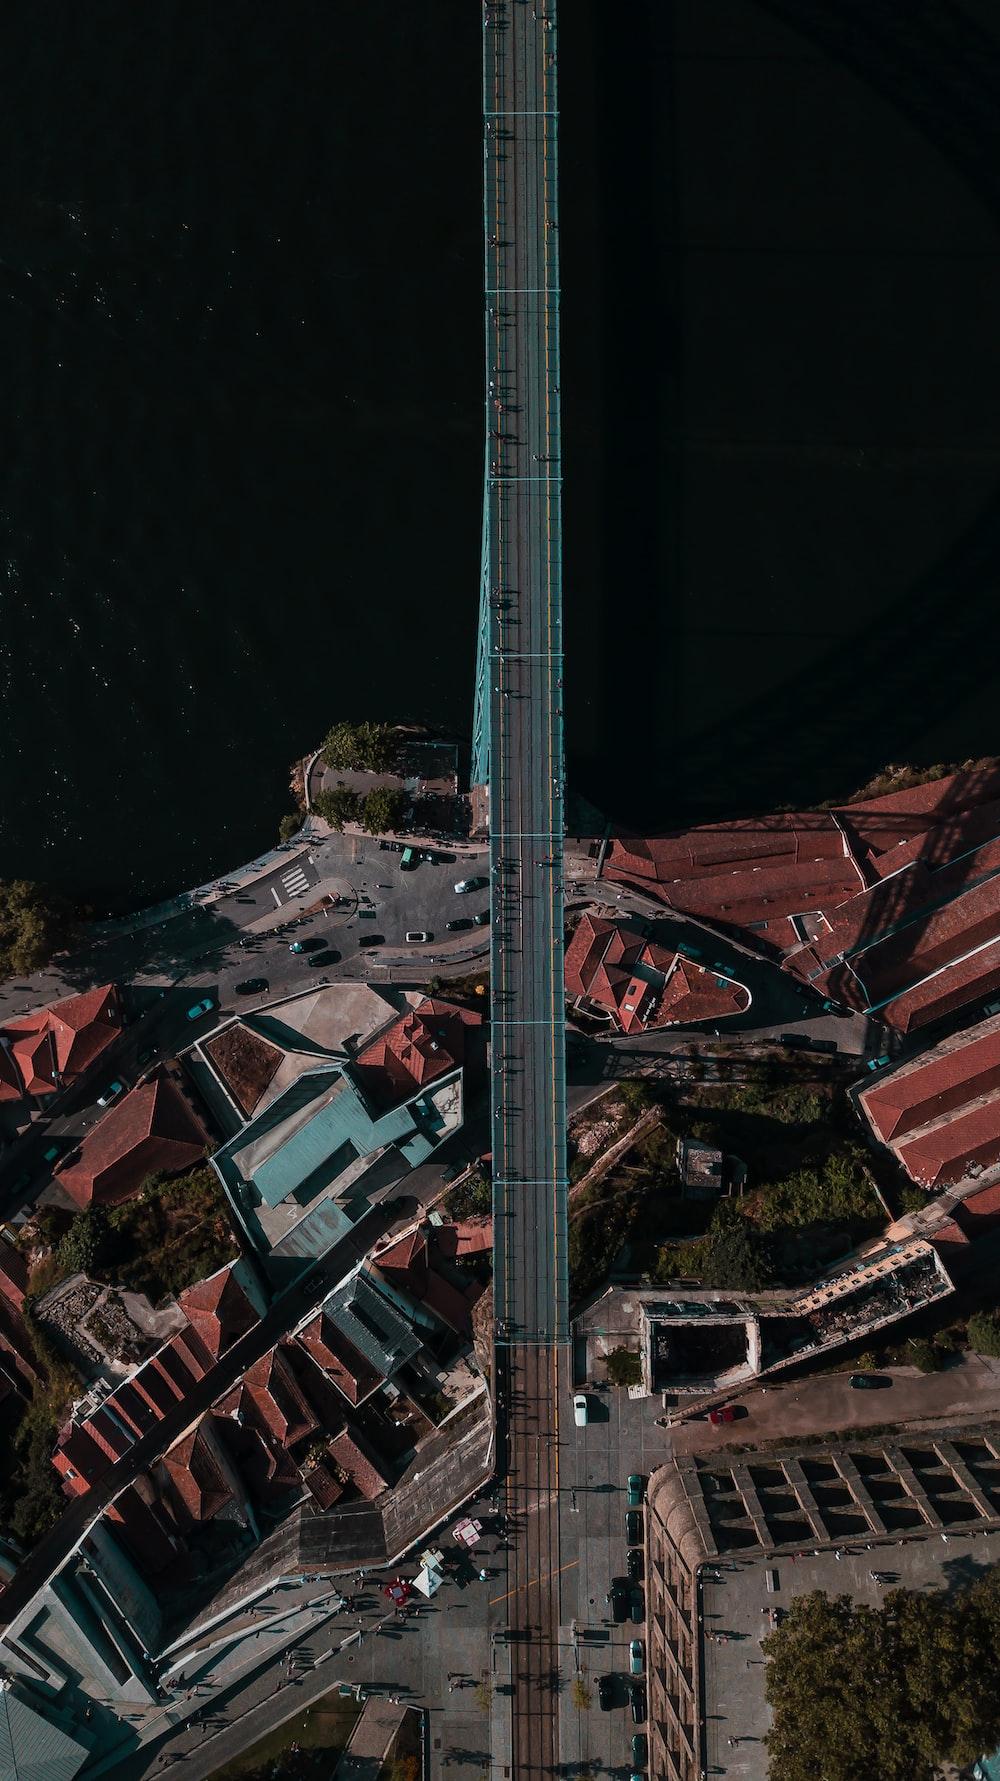 aerial photo of bridge